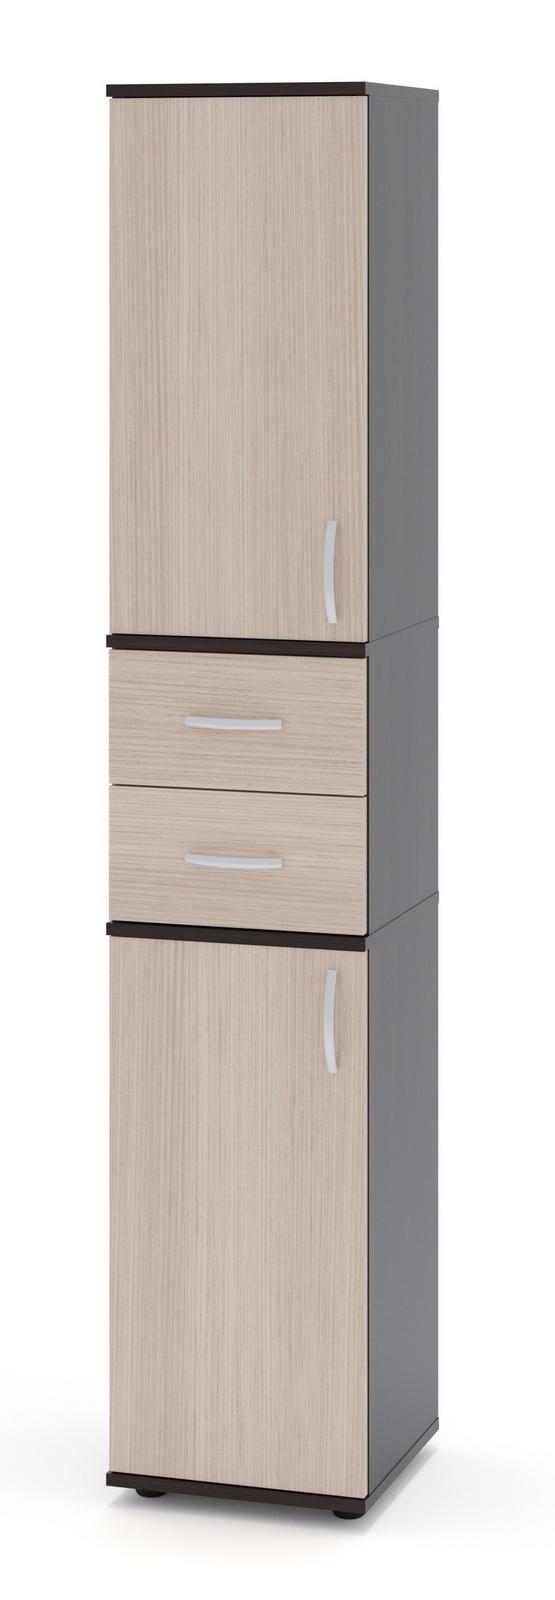 Стеллаж Сокол ШУ-14 Корпус Венге / Фасад Беленый дубСтеллажи для офиса<br>Габаритные размеры ВхШхГ 1827x342x372 мм. Стеллаж входит в универсальную линейку, каждая модель которой может быть дополнена дверцами (сверху и снизу) и ящиками (по центру).  Для этого на боковых стенках есть присадки (небольшие несквозные углубления), которые предназначены для крепления дверей и ящиков.  В каталоге вы можете выбрать наиболее подходящую комплектацию.  Модель ШУ-14 полностью закрыта, поставляется с верхними и нижними дверками, и двумя ящиками. Изделие оснащено пластиковыми ножками, предотвращающими размокание ДСП вследствие влажной уборки напольного покрытия. Ручки на дверках и ящиках пластиковые.  Стеллаж универсальный, дверцы могут открываться как на правую, так и на левую сторону. Обратите внимание! Задняя стенка стеллажа с внутренней стороны выполнена из ДВП серого цвета. Корпус и полки стеллажа изготовлены из качественного ламинированного ДСП толщиной 16 мм, самого популярного материала для производства корпусной мебели, обеспечивающего необходимую прочность и долговечность деталей. Изделие поставляется в разобранном виде.  Хорошо упаковано в гофротару вместе с необходимой фурнитурой для сборки и подробной инструкцией.  Рекомендуем сохранить инструкцию по сборке (паспорт изделия) до истечения гарантийного срока.<br><br>Цвет: Корпус Венге / Фасад Беленый дуб<br>Цвет: Темное-cветлое дерево<br>Высота мм: 1827<br>Ширина мм: 342<br>Глубина мм: 372<br>Кол-во упаковок: 3<br>Форма поставки: В разобранном виде<br>Срок гарантии: 24 месяца<br>Тип: Закрытые<br>Материал: Деревянные, из ЛДСП<br>Размер: Узкие<br>Особенности: С ящиками, Дешевые